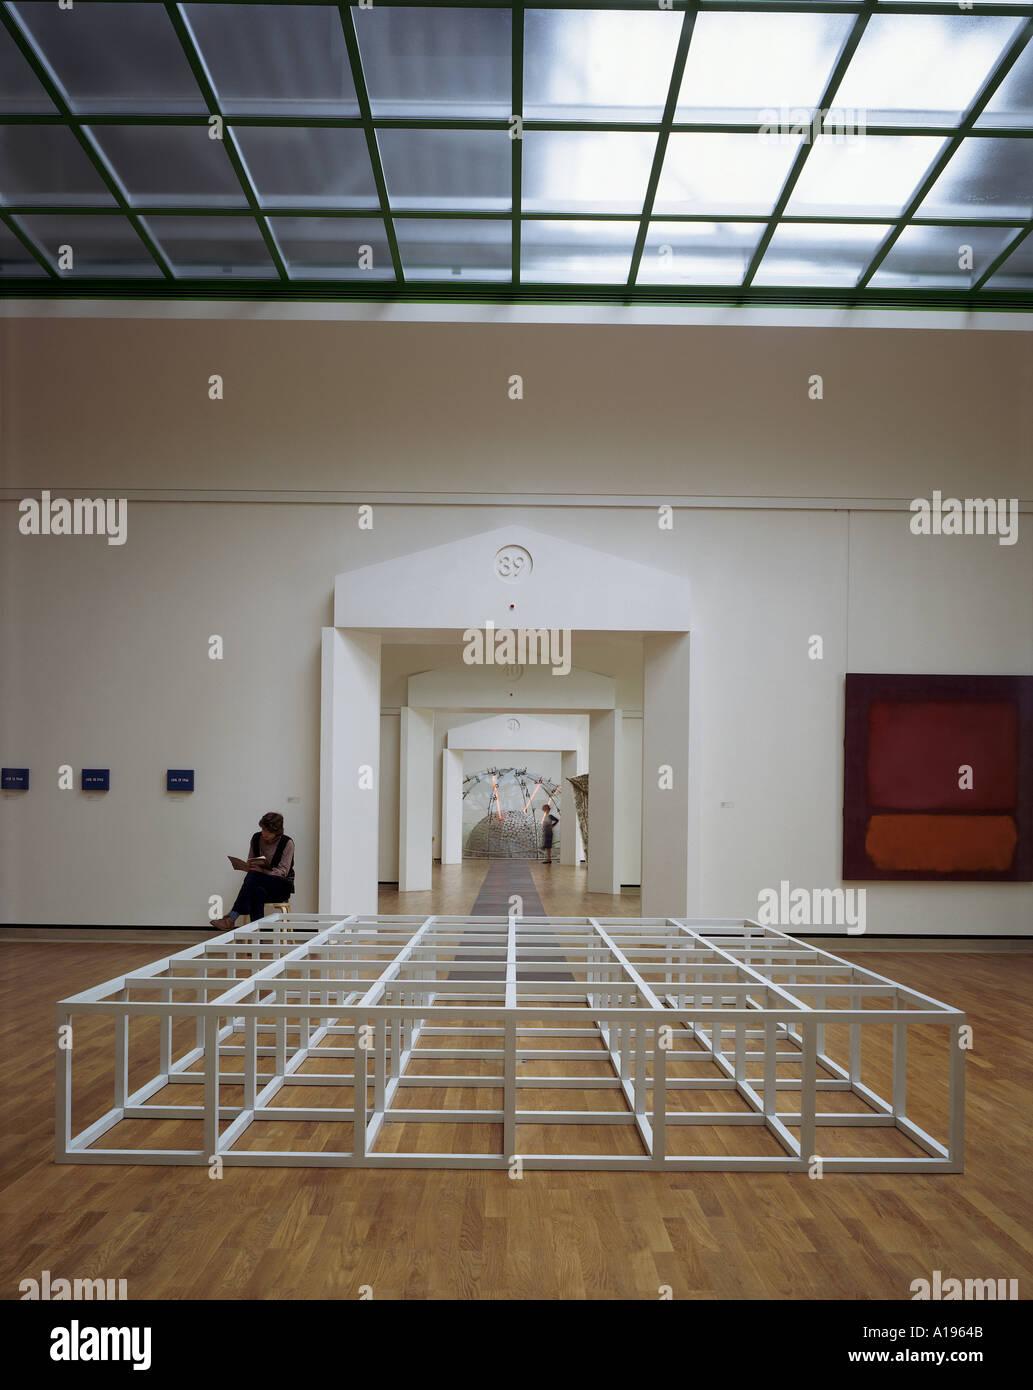 Staatsgalerie, Stuttgart (1977-1984) - Art Gallery, museum et civic center. Architecte: Stirling et Wilford Photo Stock